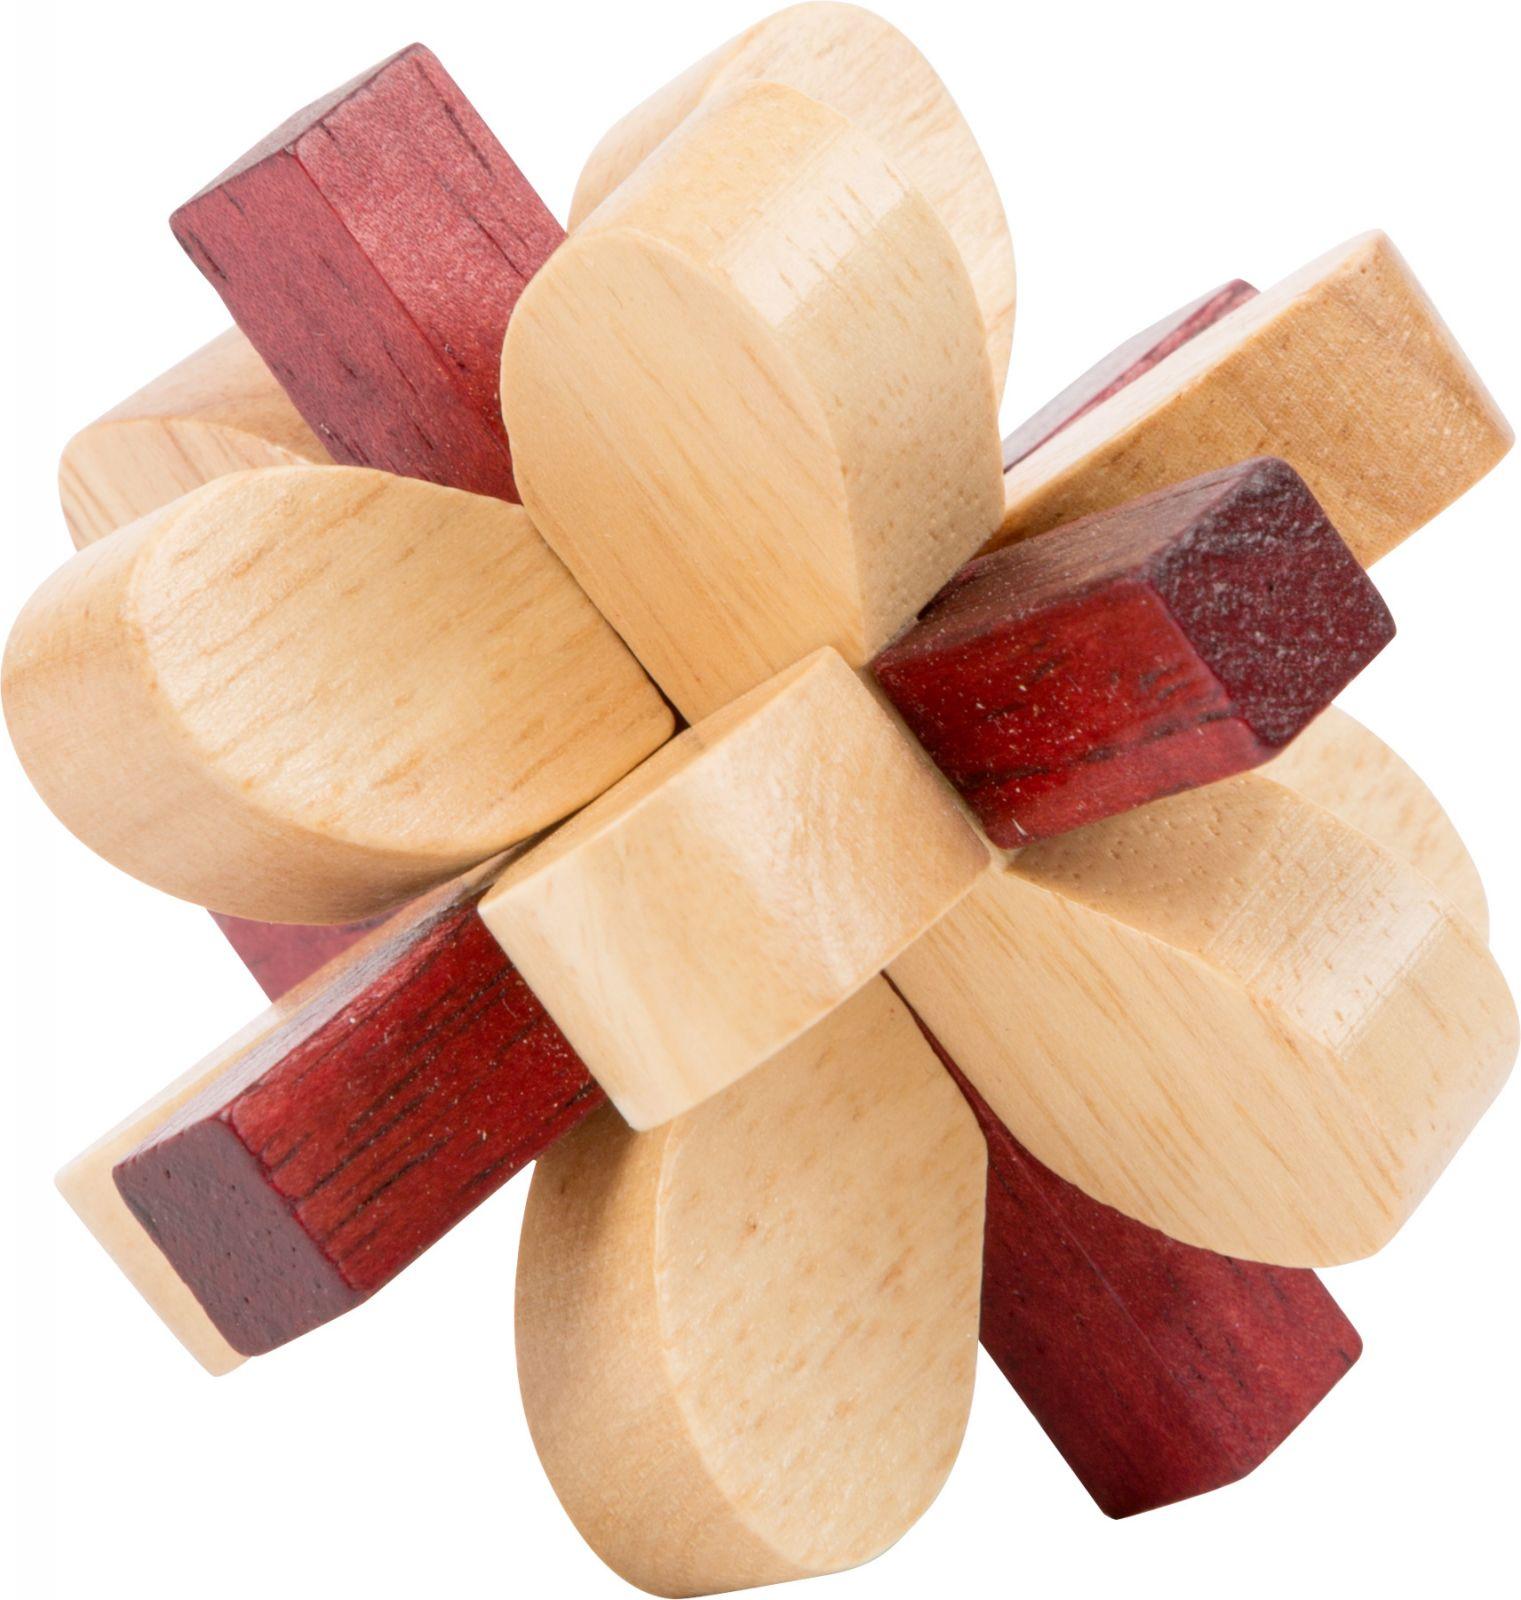 Dřevěné hračky Small Foot Dřevěný hlavolam 1ks číslo 4 Small foot by Legler